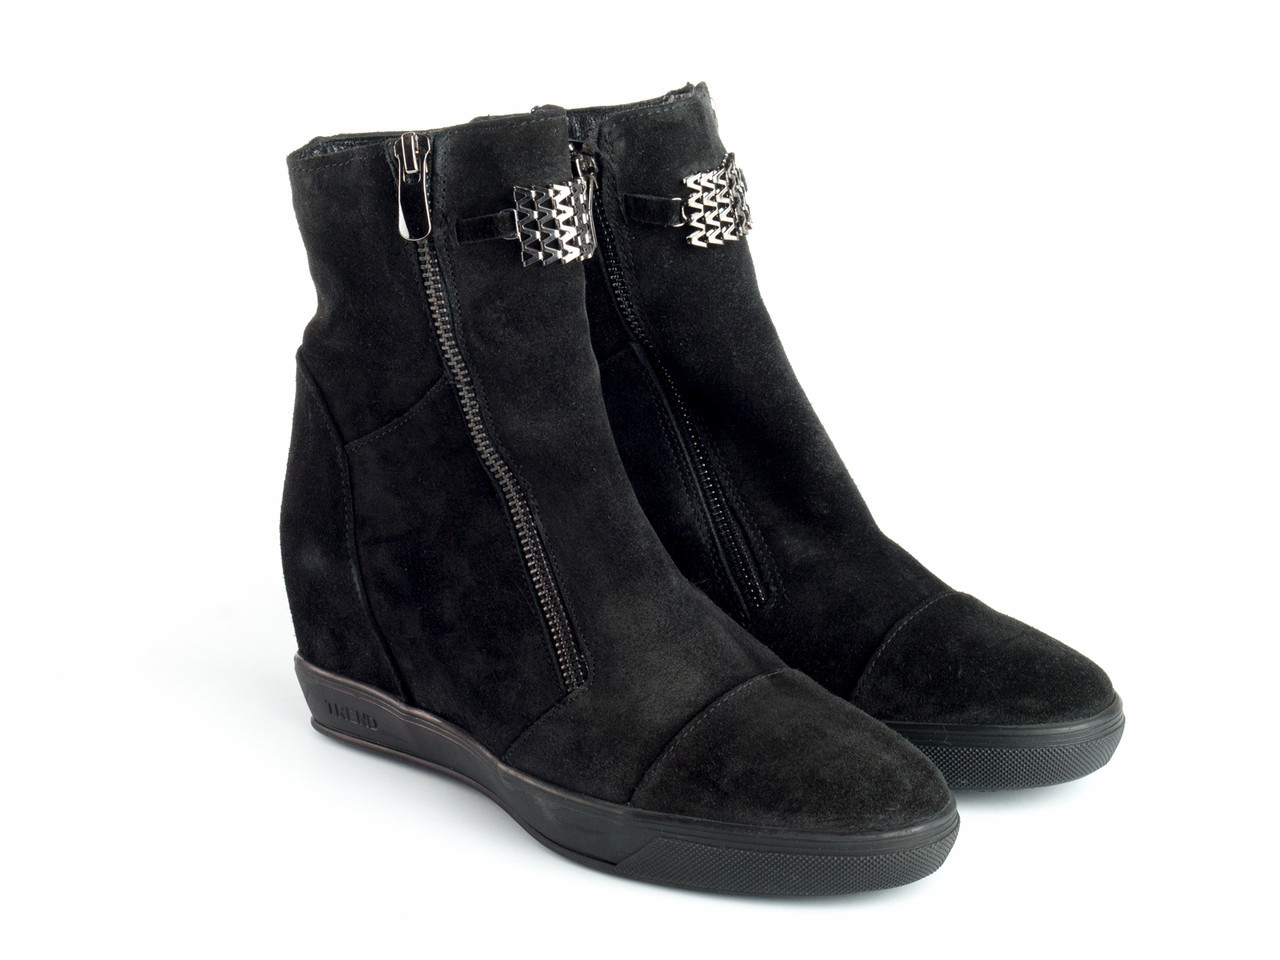 Ботинки Etor 6442-01058 36 черные